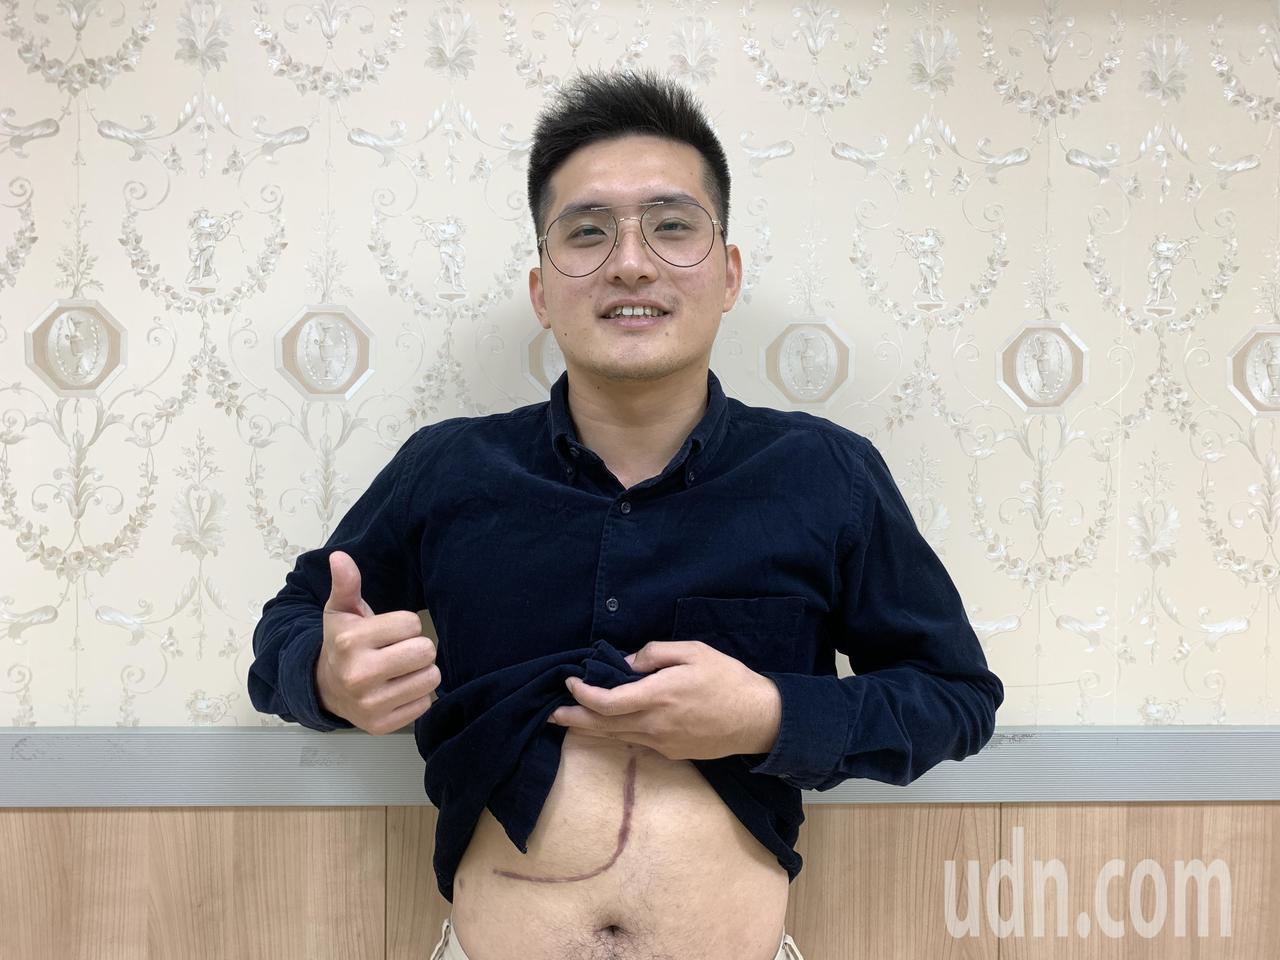 29歲的賴鈺翔觀光系畢業後到藥妝店上班,工作4年多月薪漲不起來,2年前辭掉工作全...